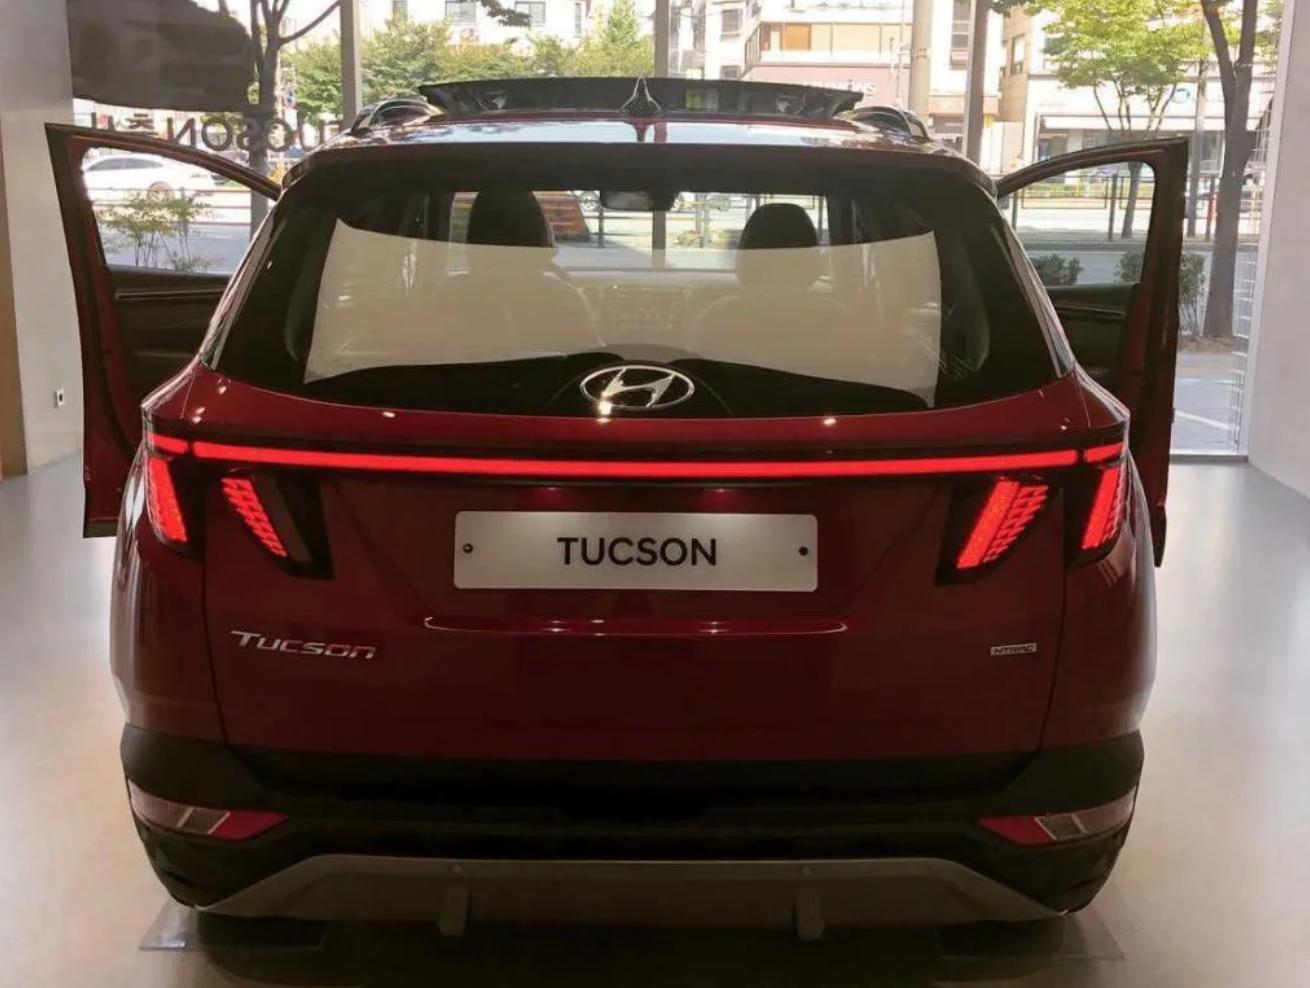 Cận cảnh 'bom tấn' Hyundai Tucson 2022 sắp ra mắt tại Việt Nam - Ảnh 3.